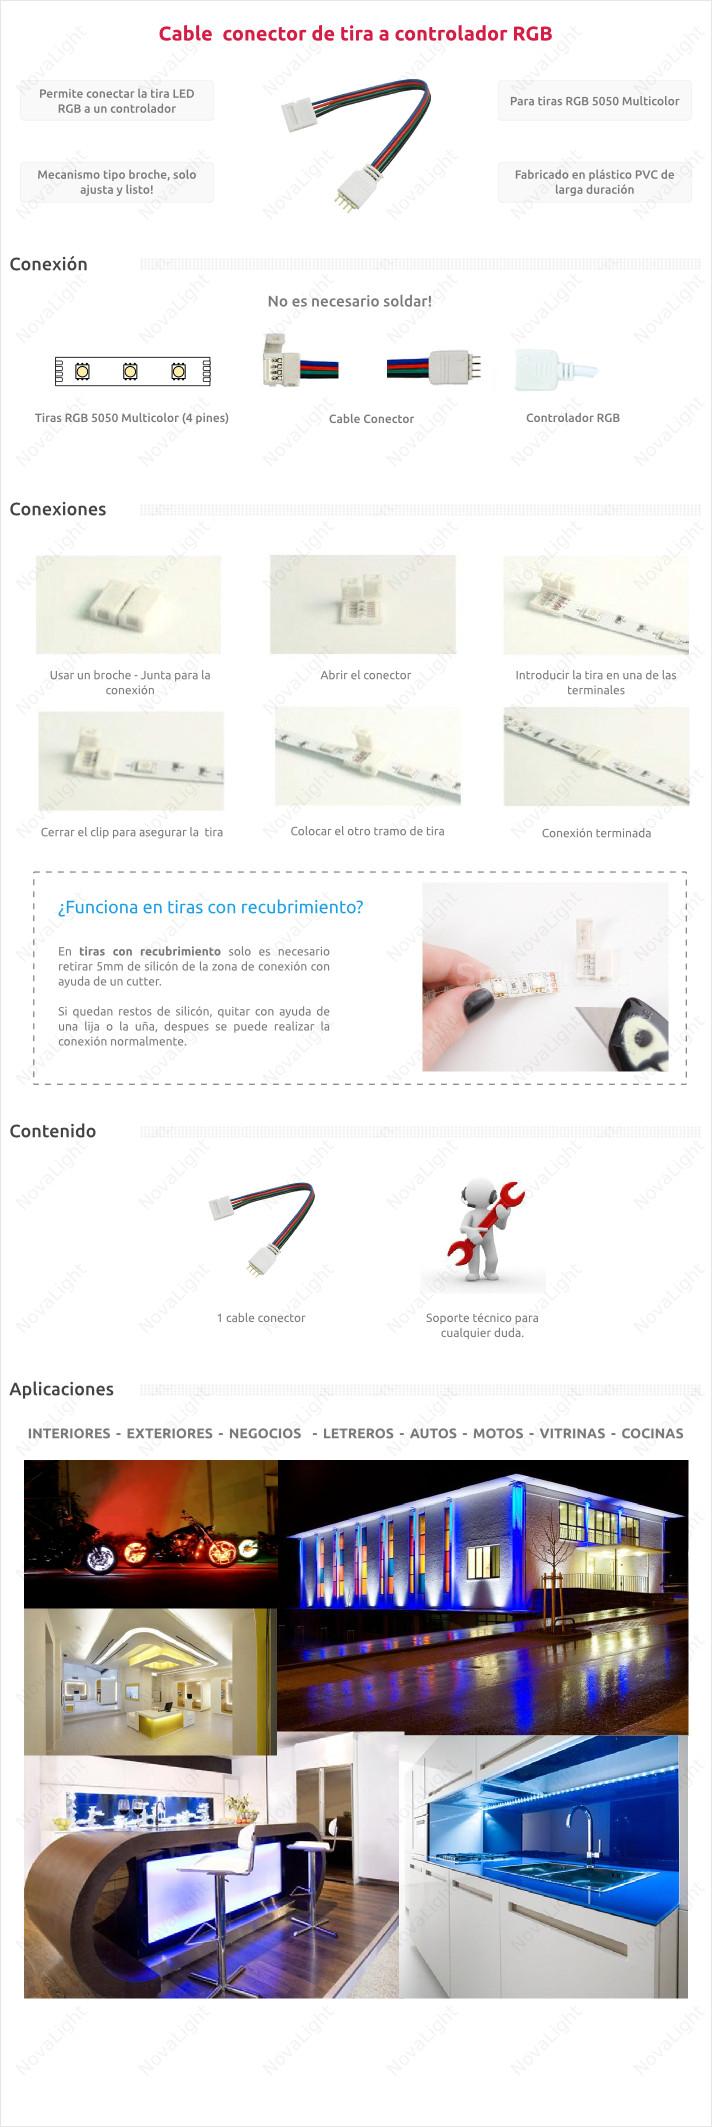 Cable o conector de tira LED a Controlador RGB, para modelos 5050 y 3528,  sin necesidad de soldar.